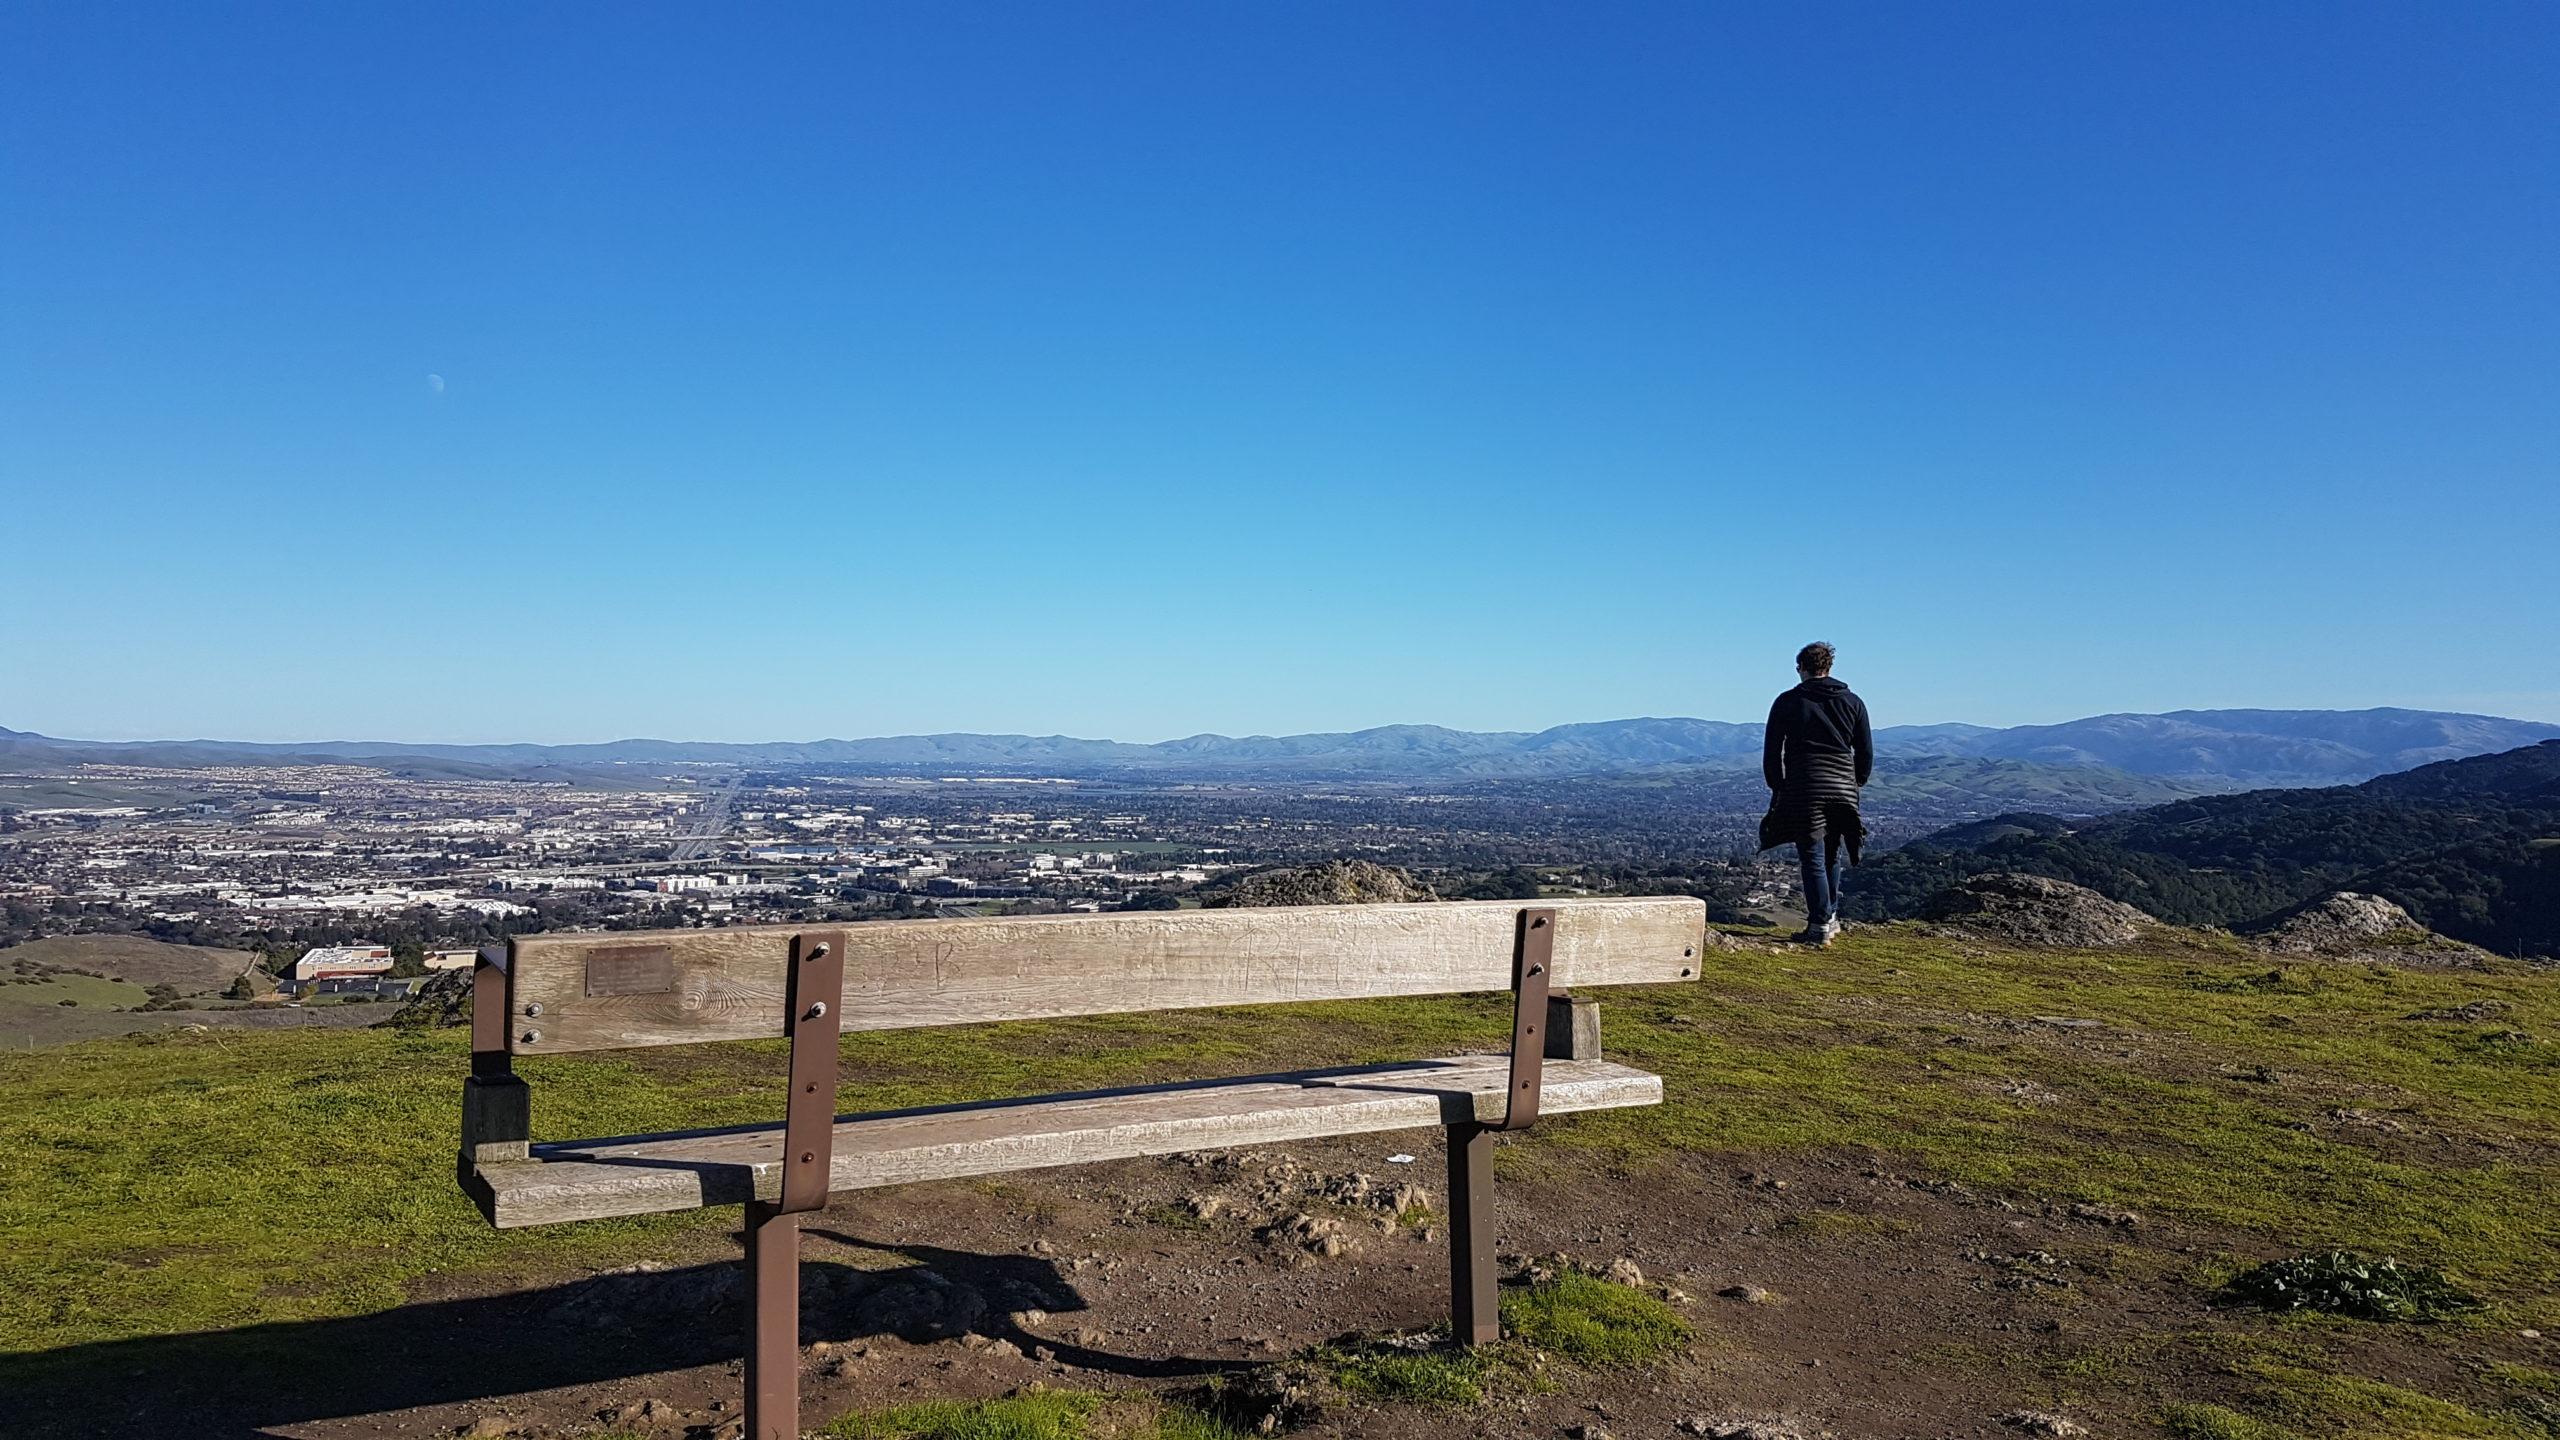 Donlon point trail